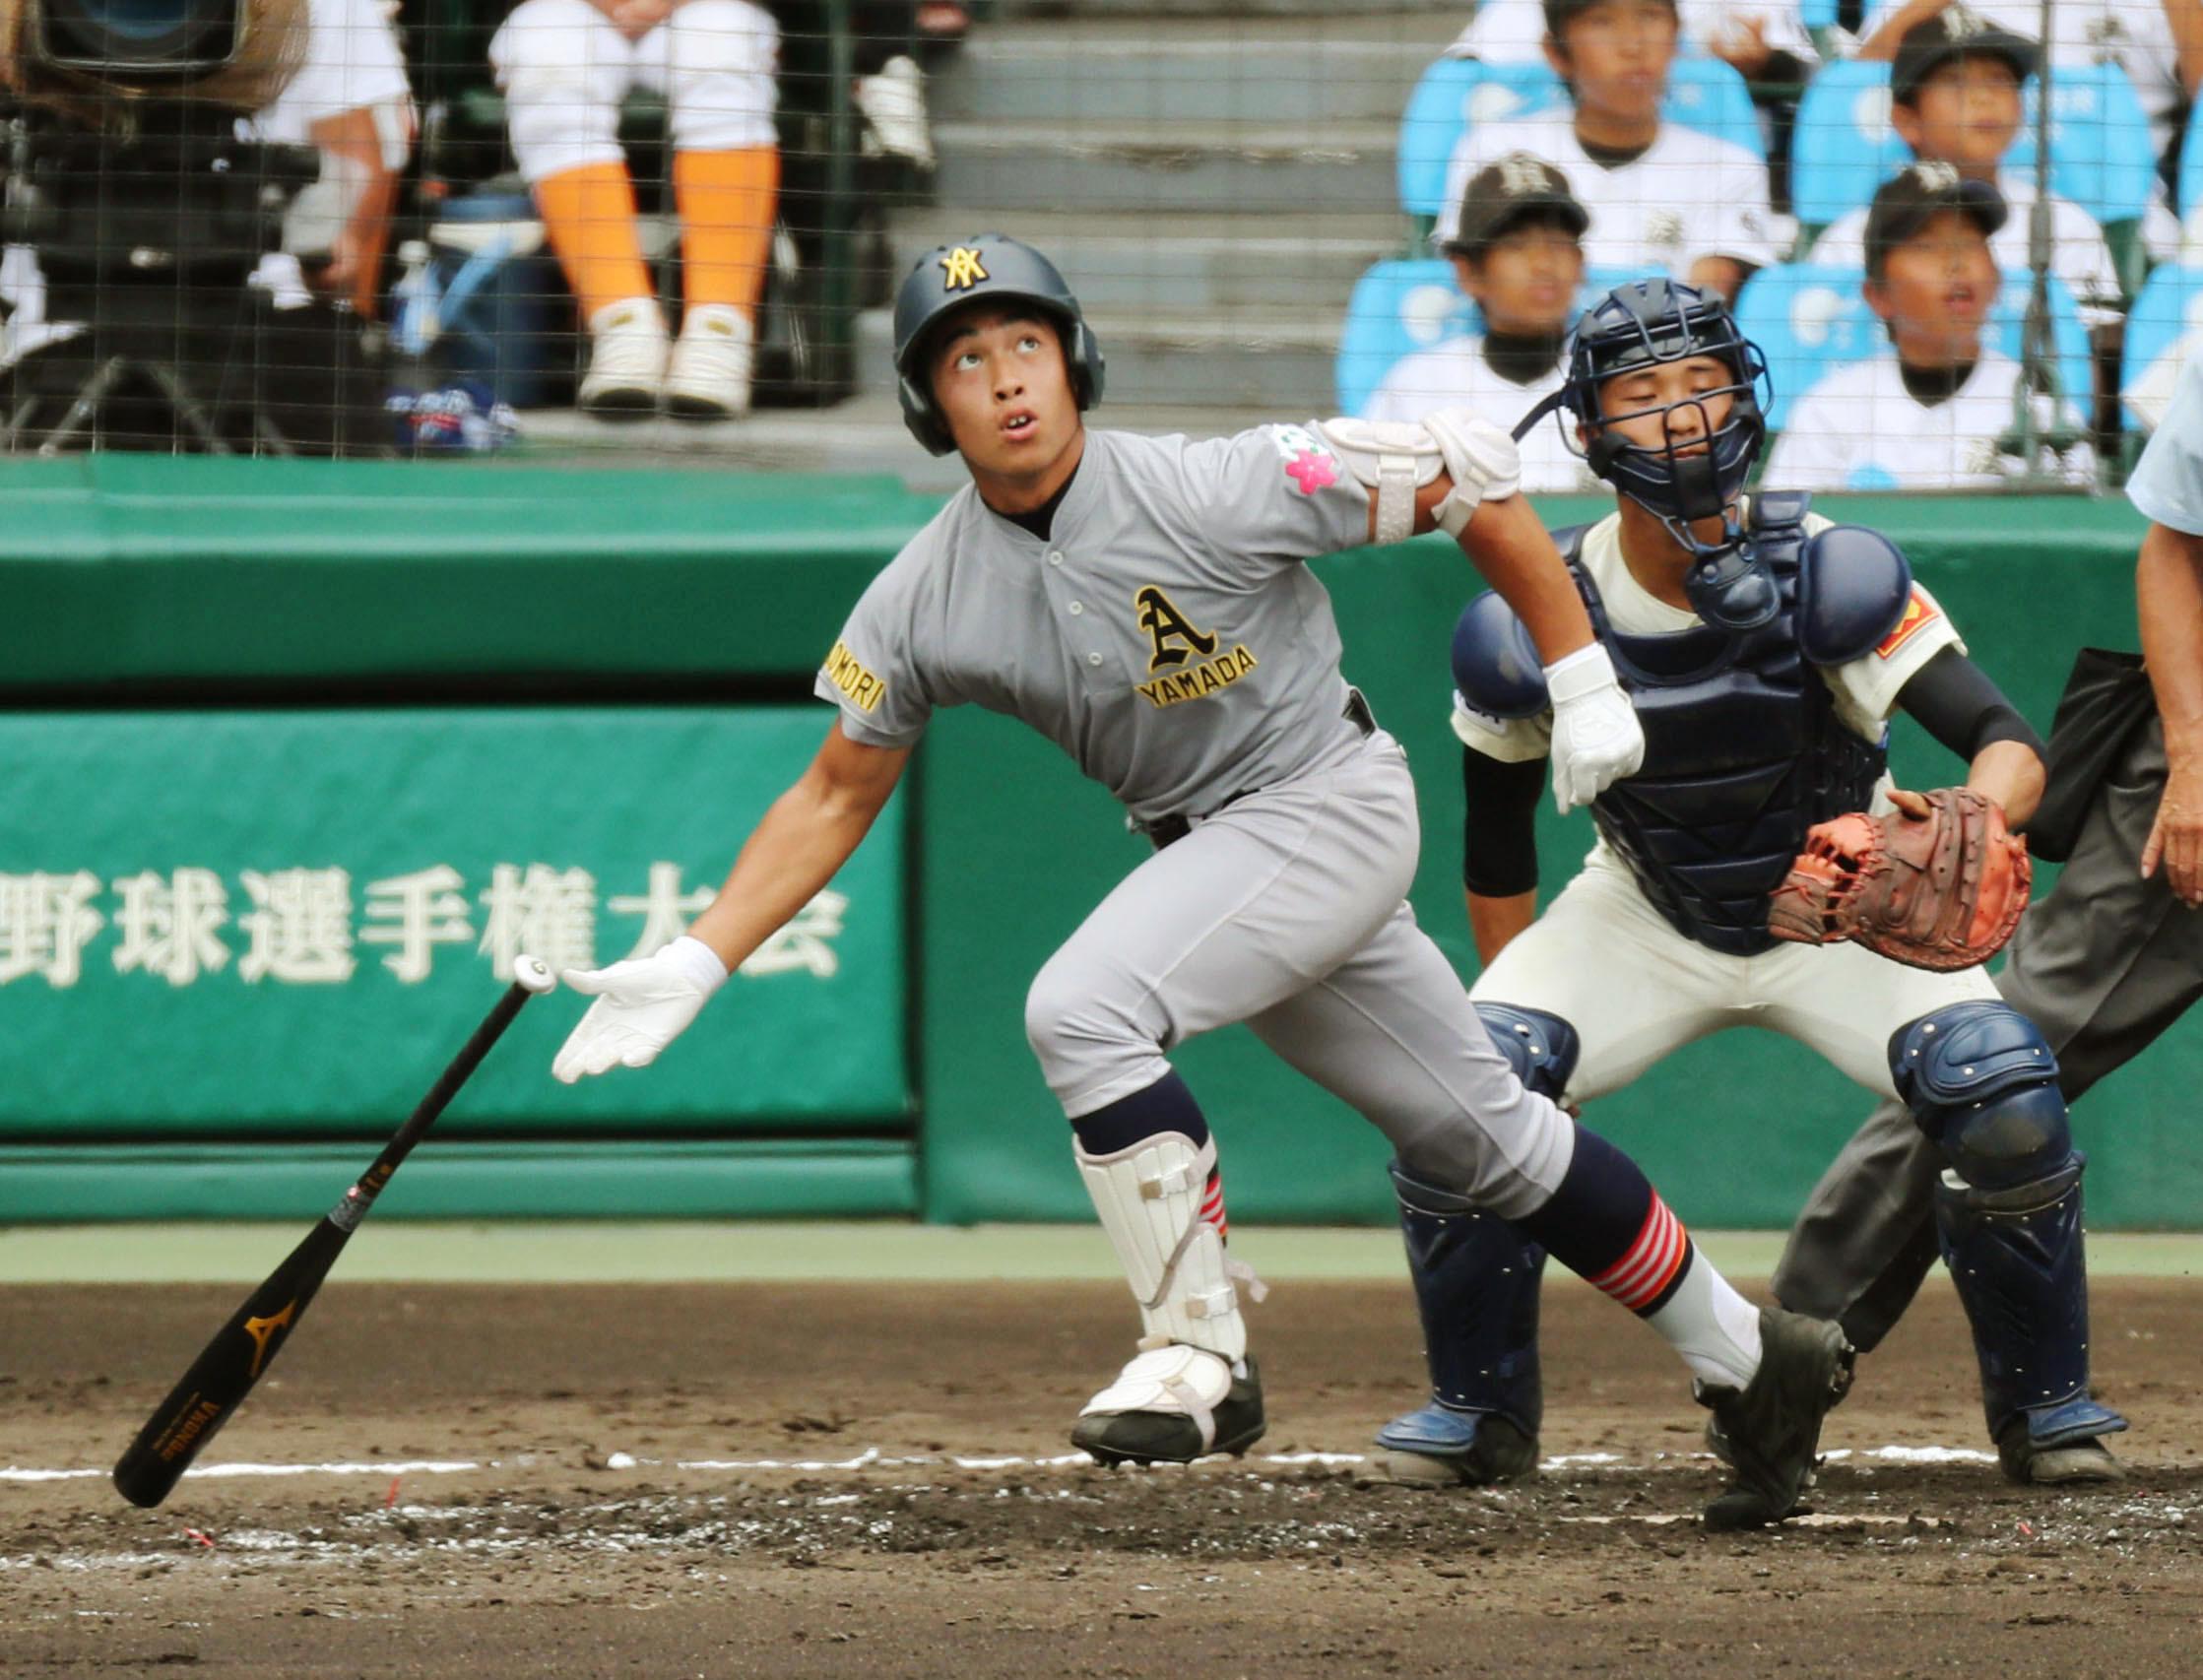 大会 青森 速報 野球 高校